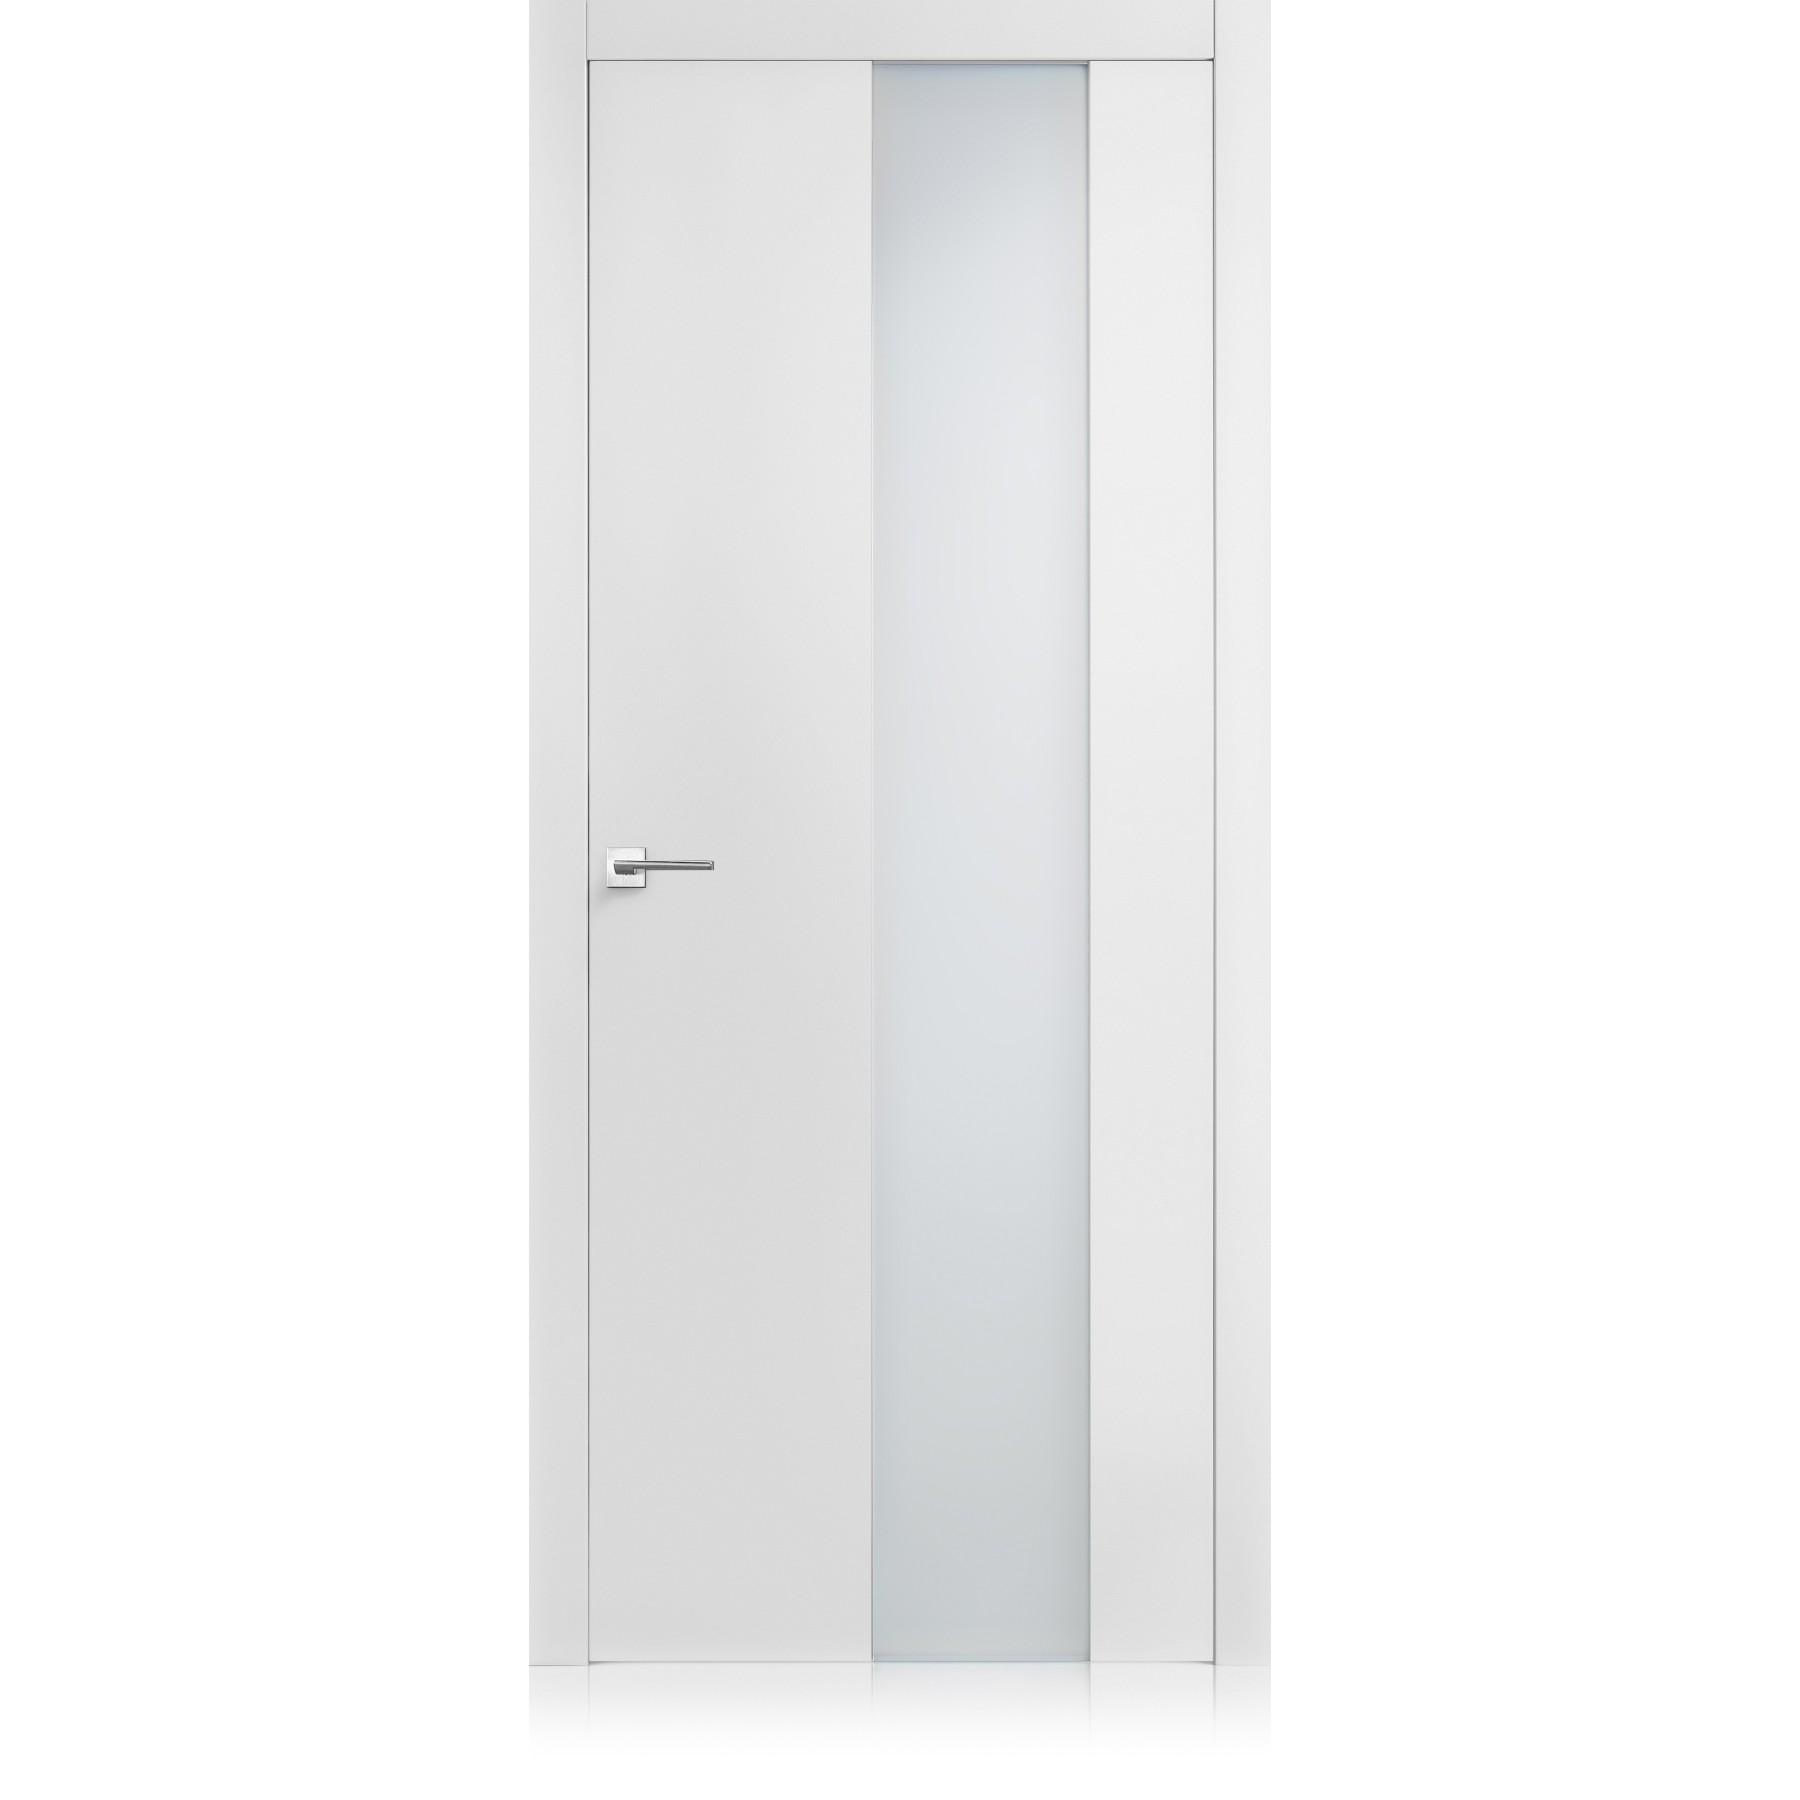 Equa vetro bianco door